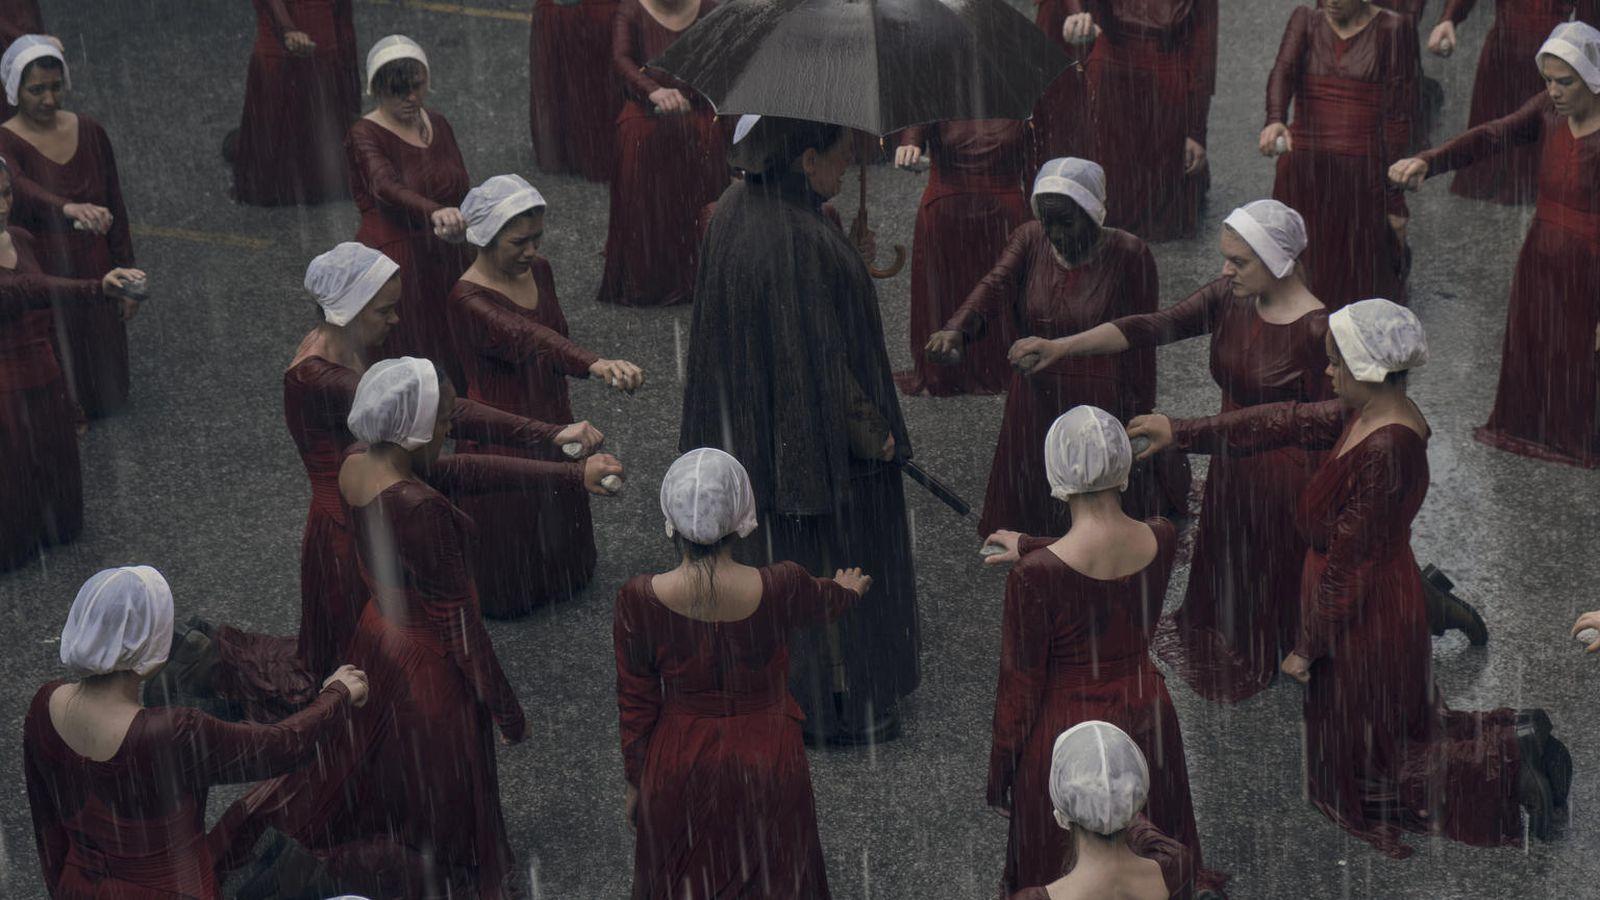 Las Handmaid's y Aunt Lidya en la segunda temporada de The Handmaid's Tale